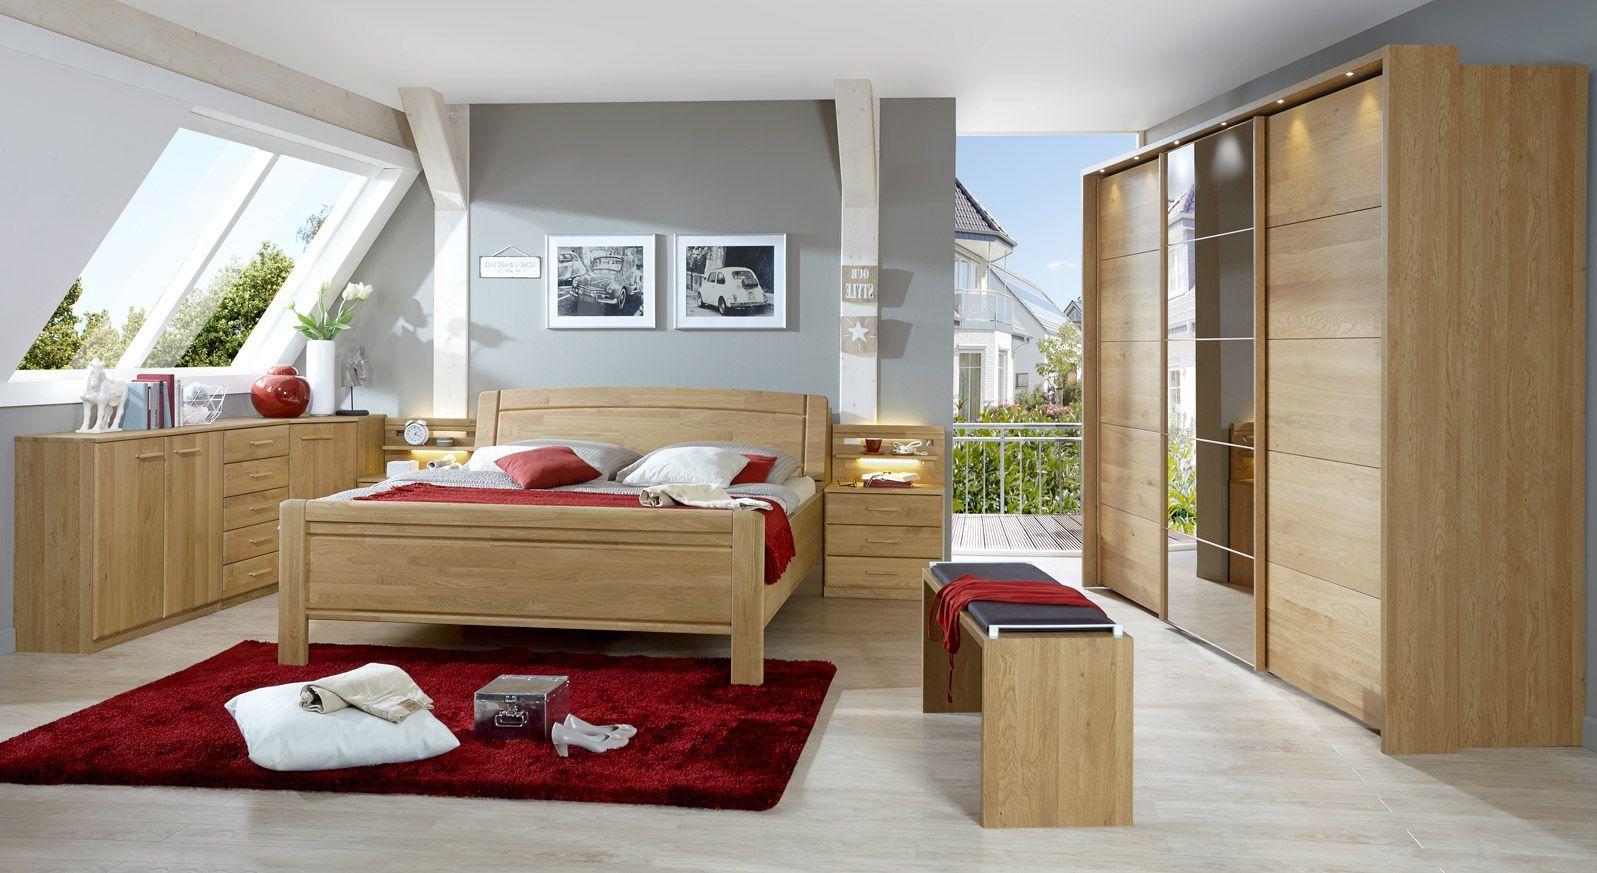 Komplettschlafzimmer Quebo im komfortablen Landhausstil